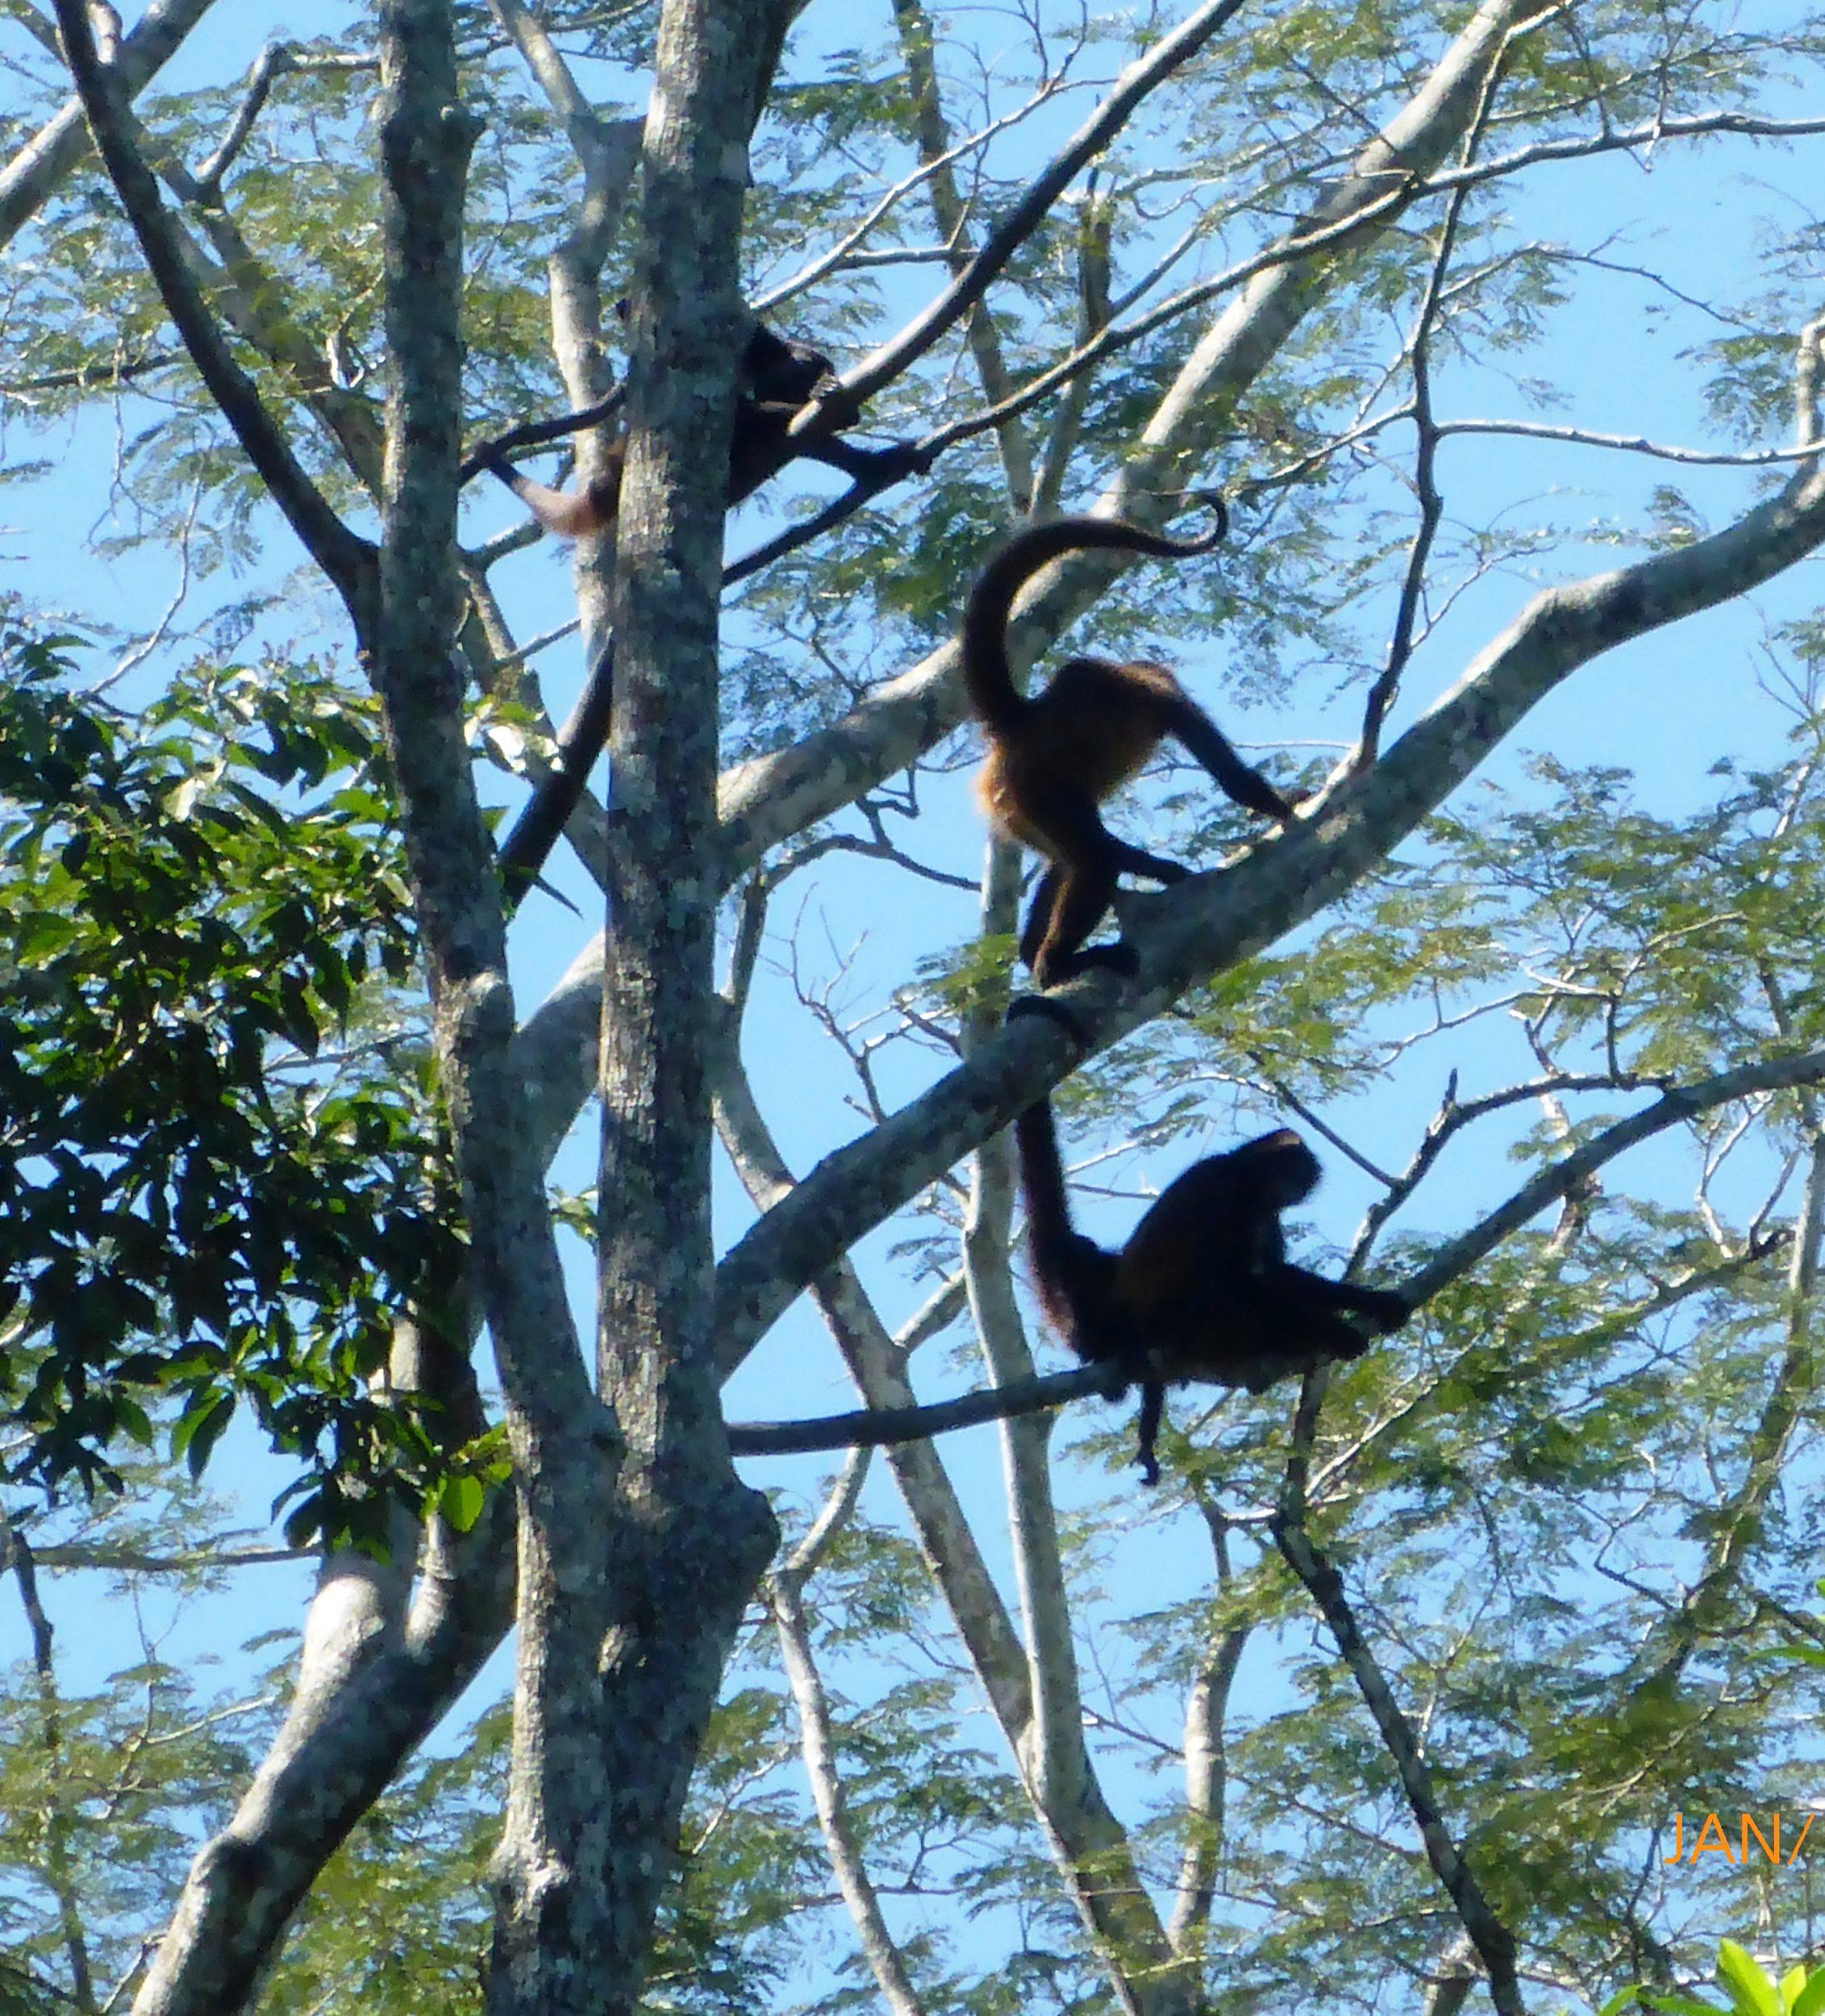 eco park aluxes palenque